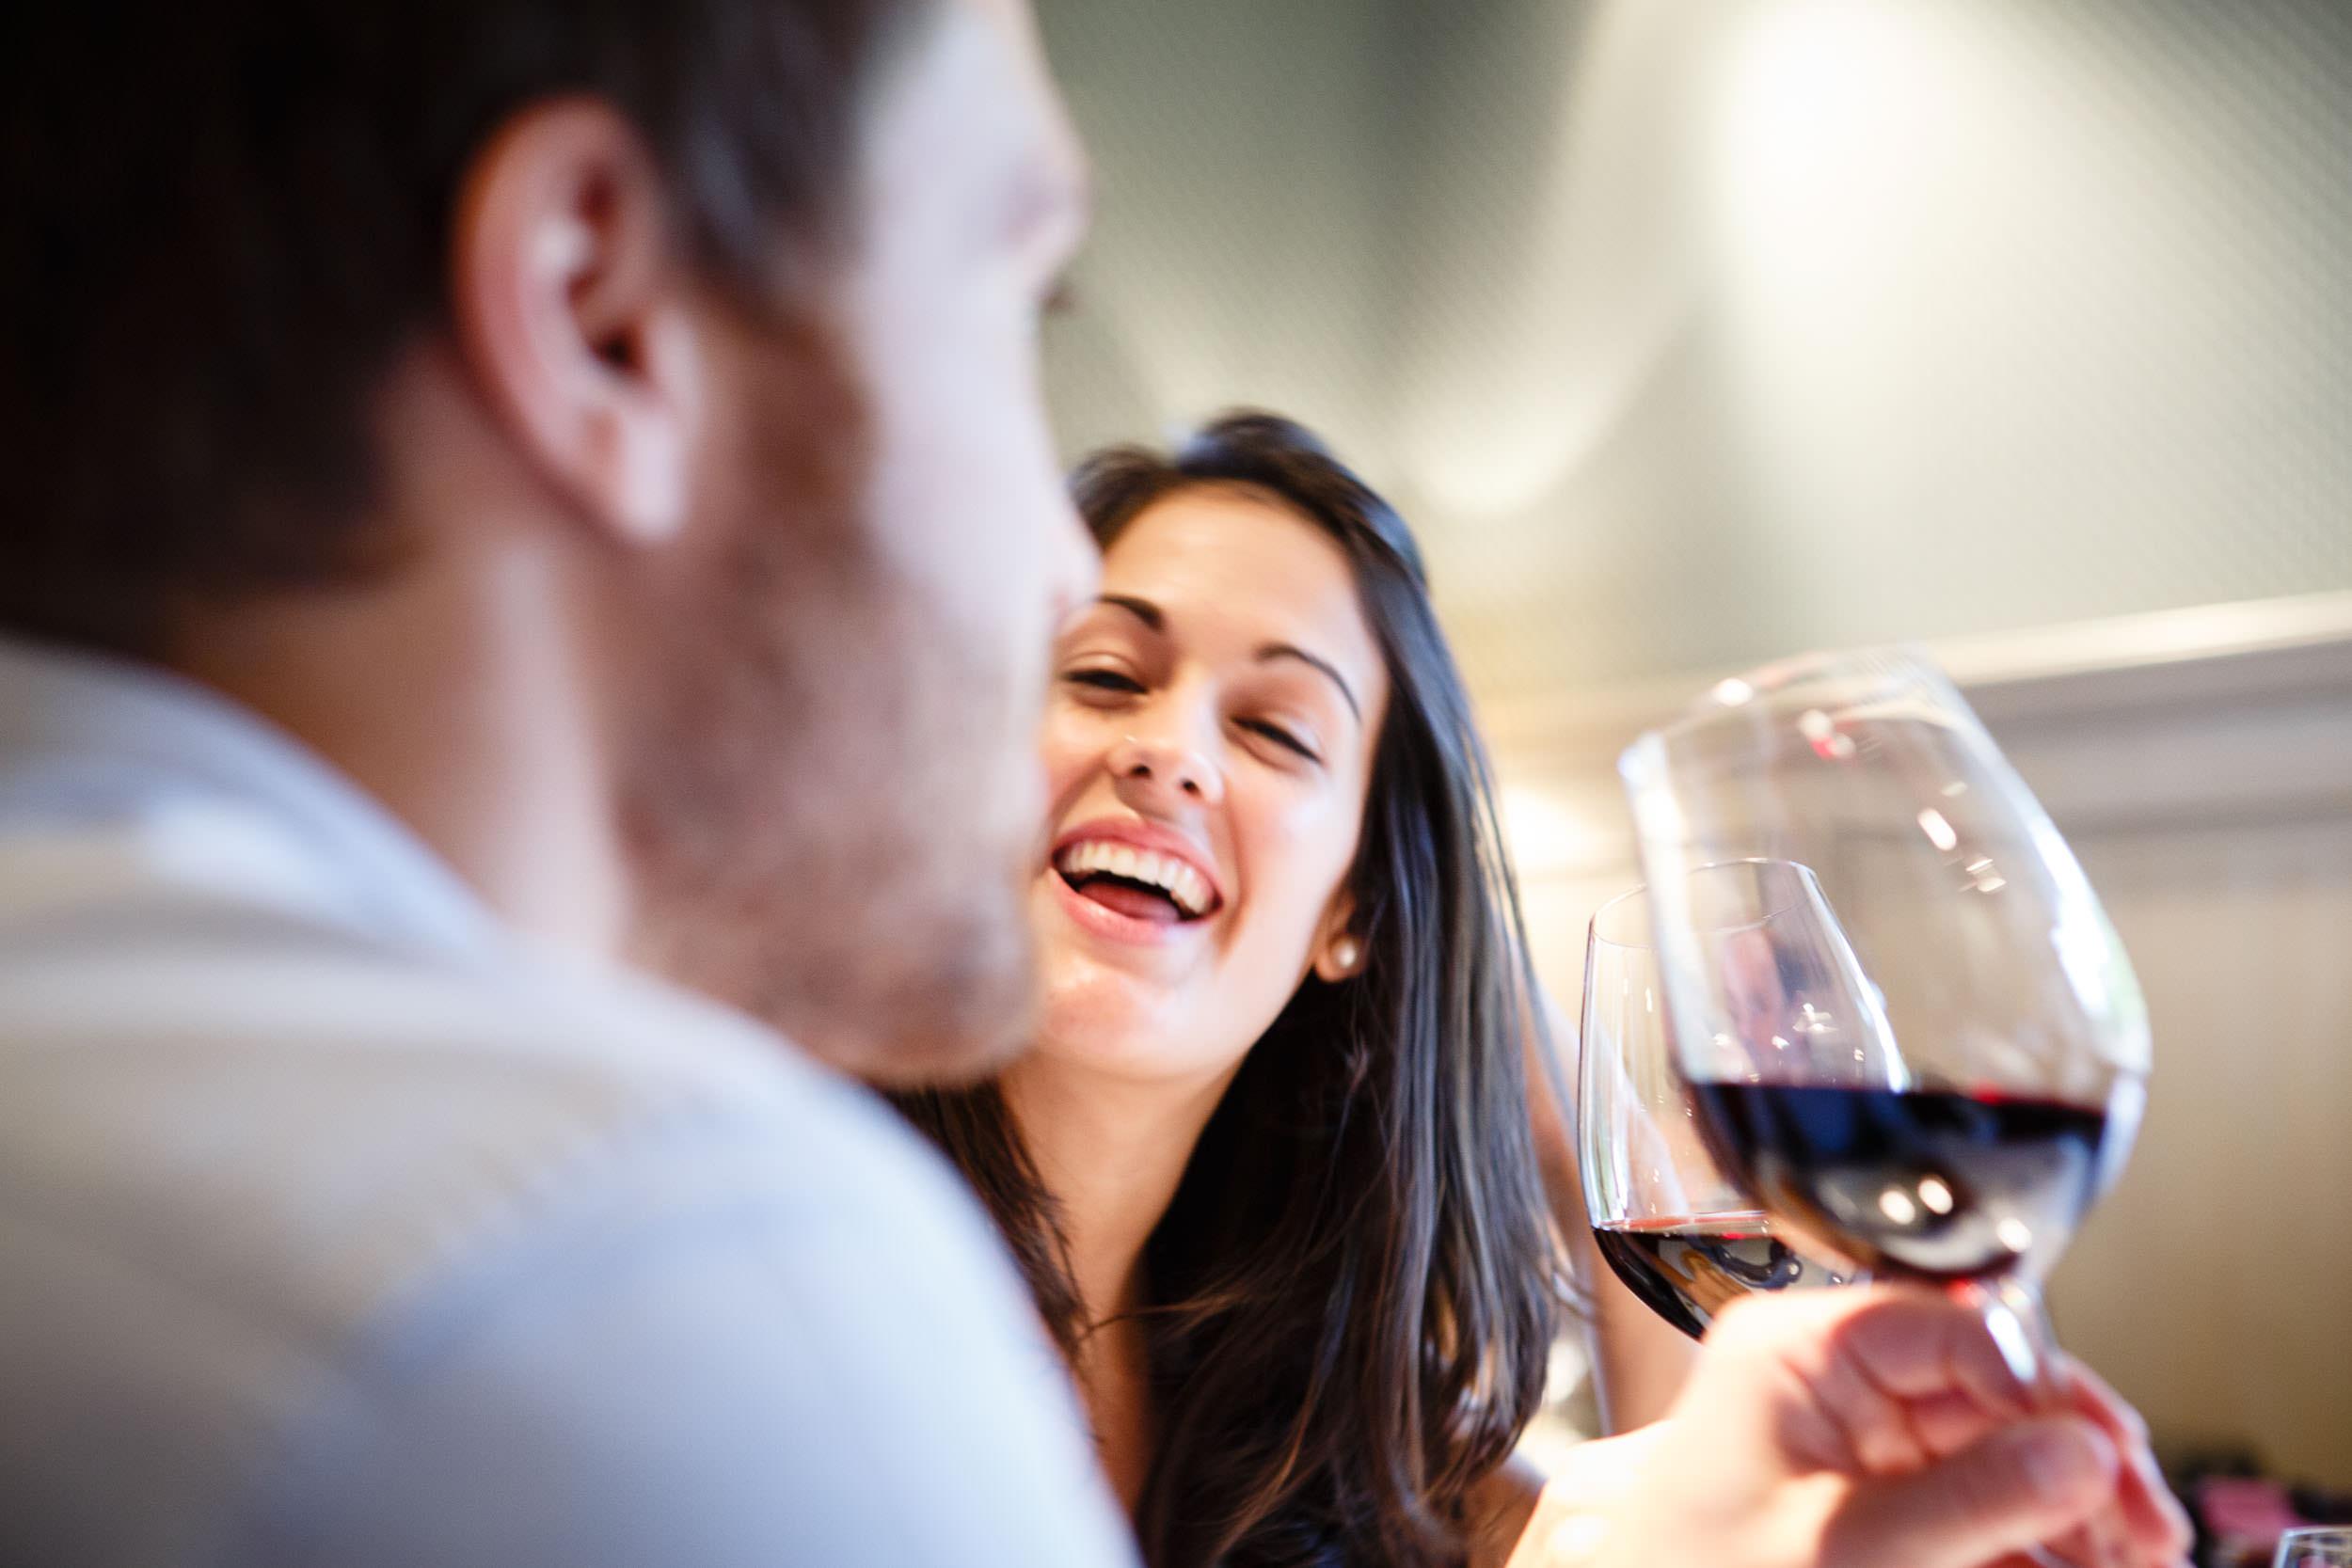 Fotografia Comercial La Rioja España | Hotel Echaurren Ezcaray - James Sturcke  Photographer | sturcke.org_007.jpg